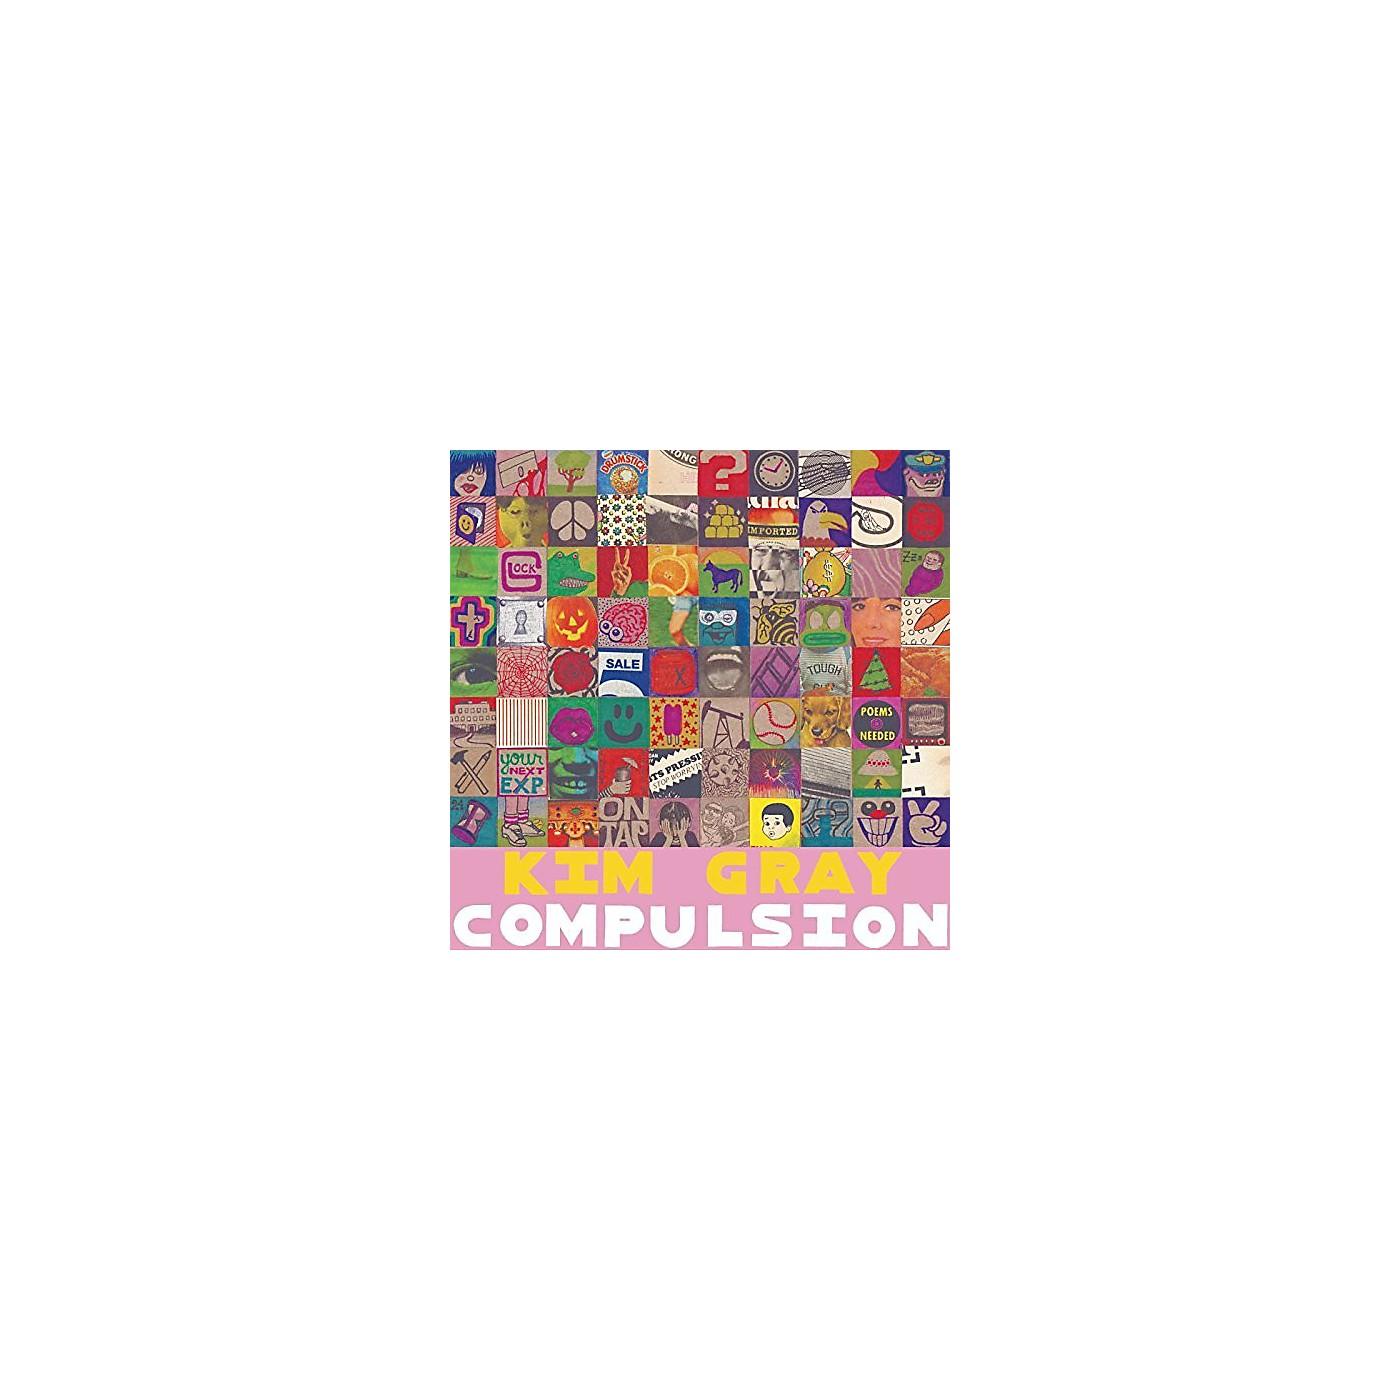 Alliance Kim Gray - Compulsion thumbnail